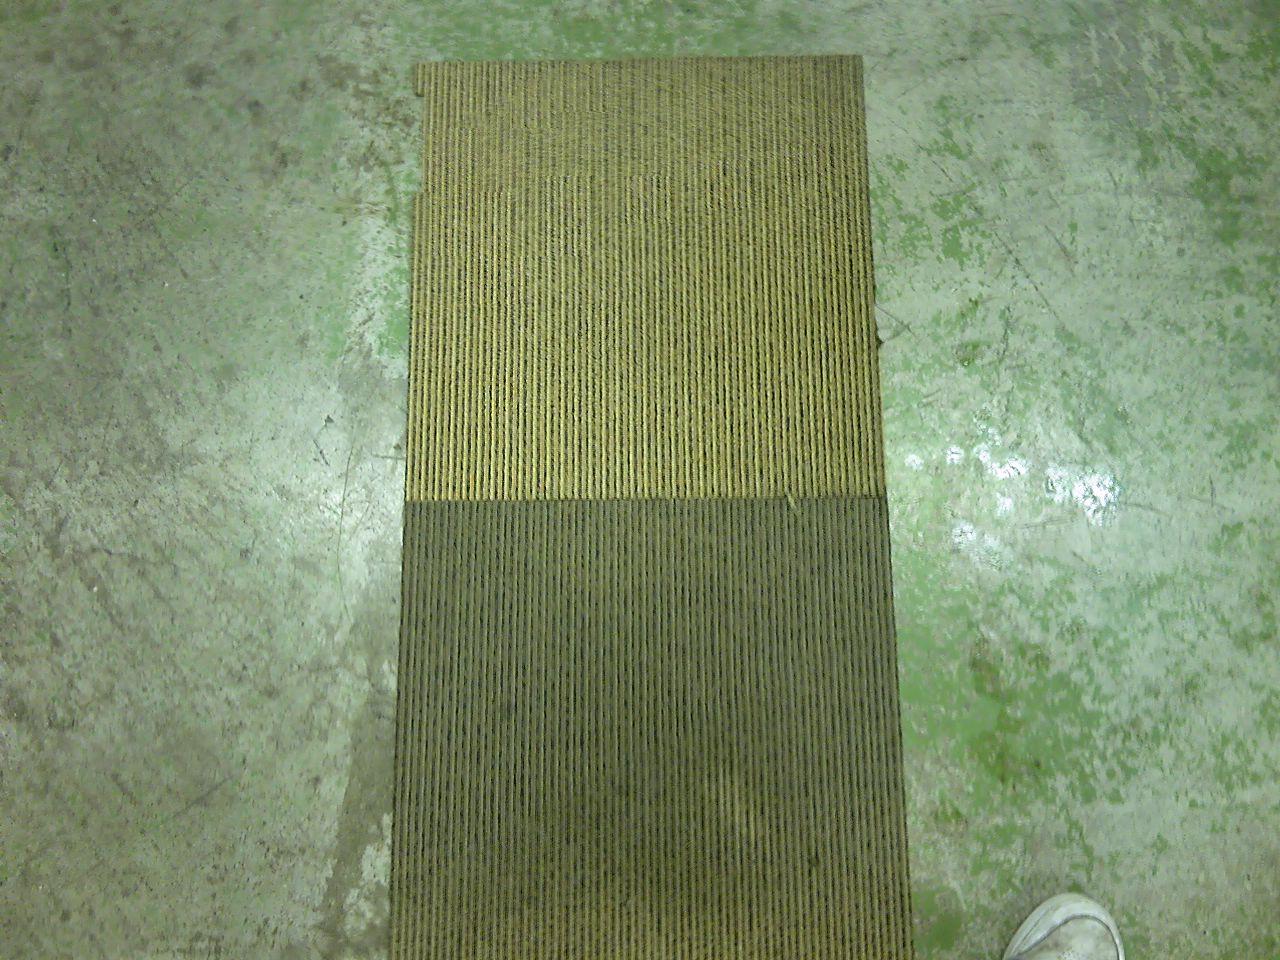 タイルカーペット汚れ比較